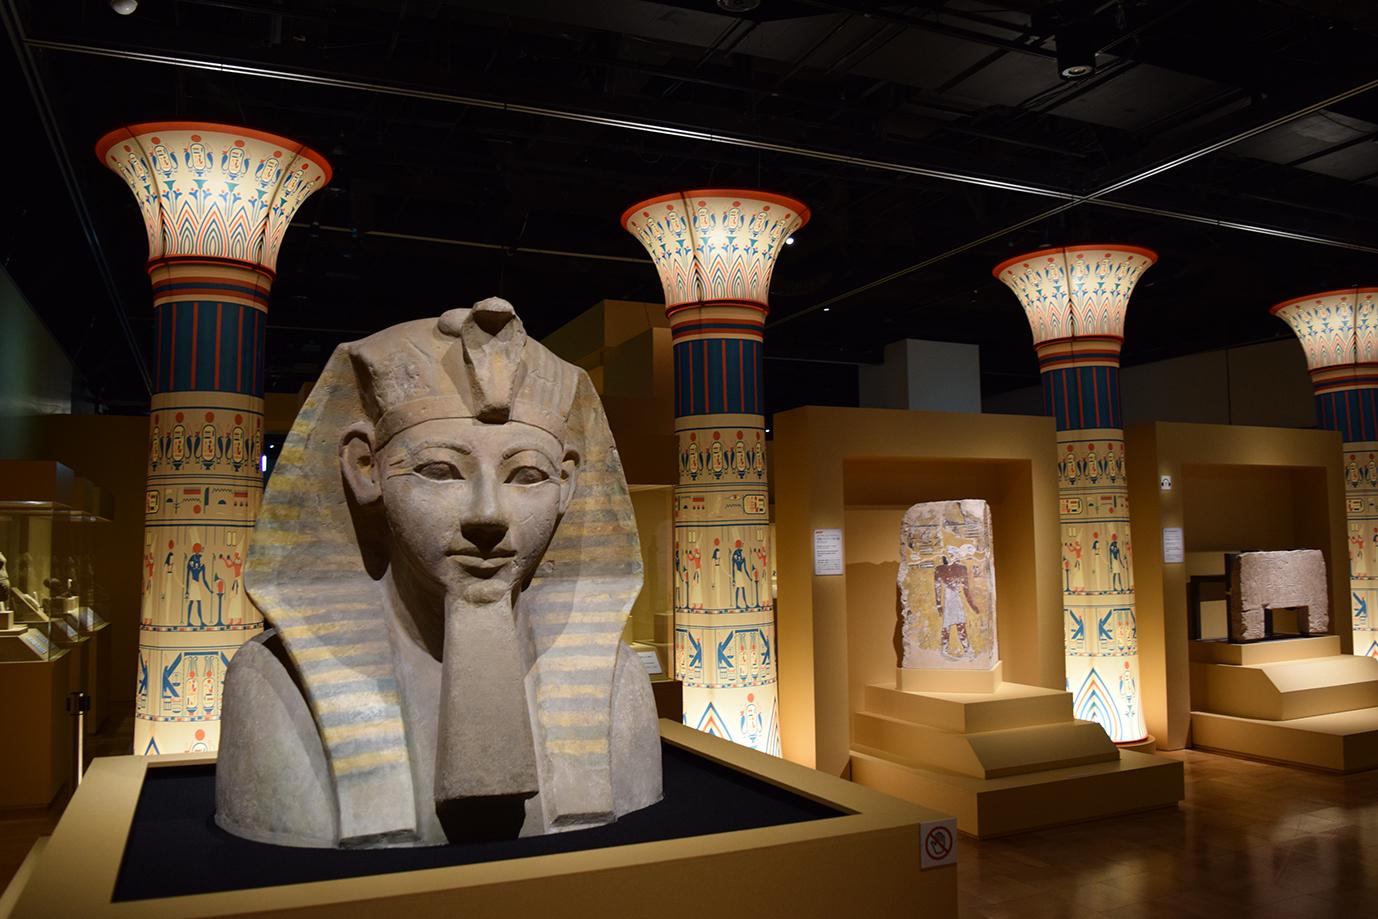 『国立ベルリン・エジプト博物館所蔵 古代エジプト展 天地創造の神話』展示風景